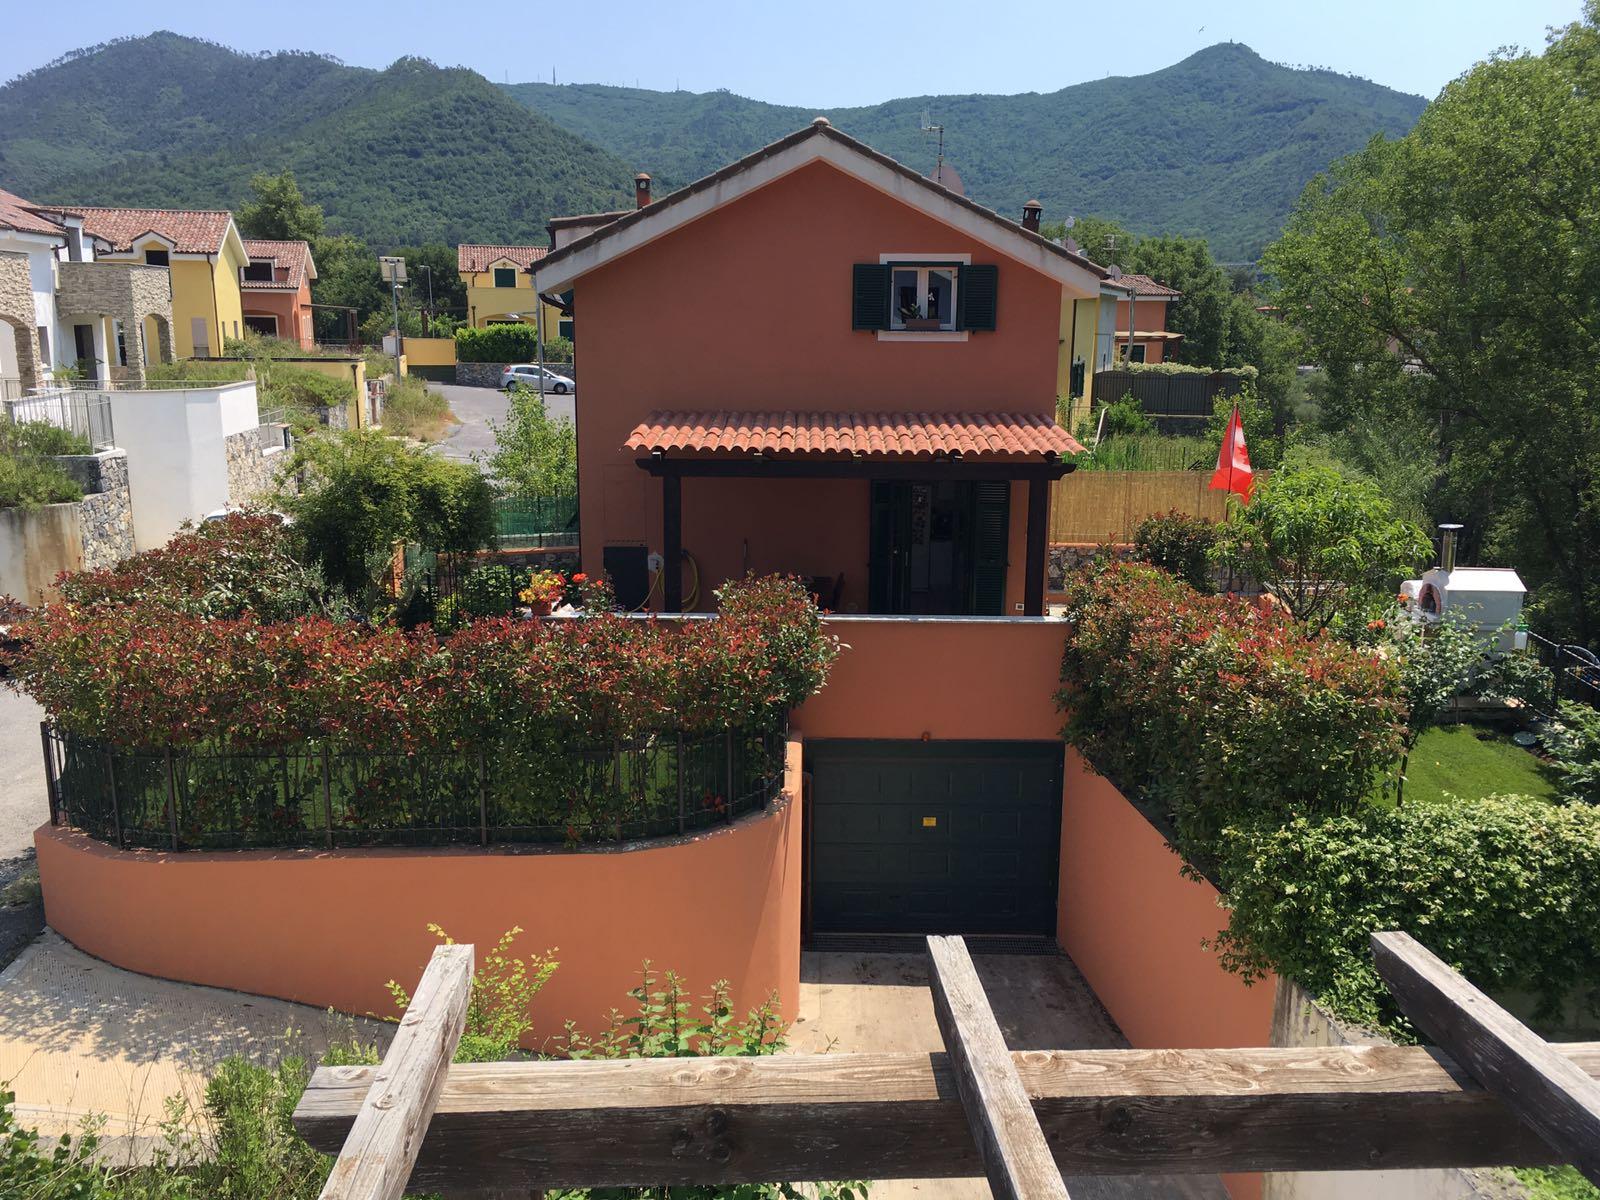 Villa in vendita a Villanova d'Albenga, 4 locali, zona Zona: Ligo, prezzo € 350.000 | CambioCasa.it